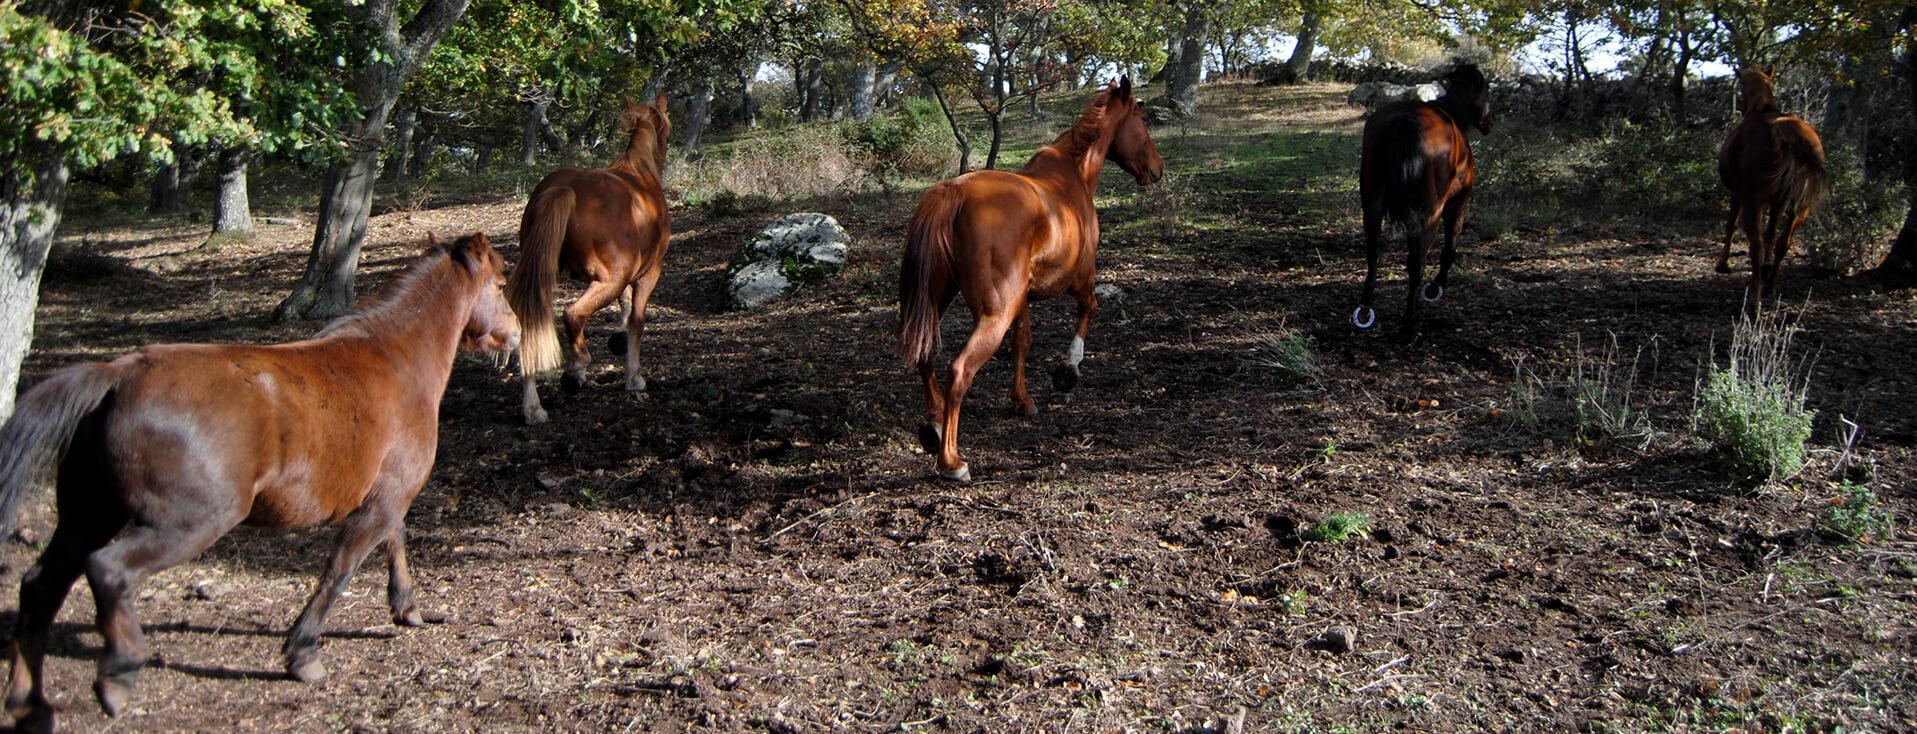 Agroturismo Ruspina en Nulvi